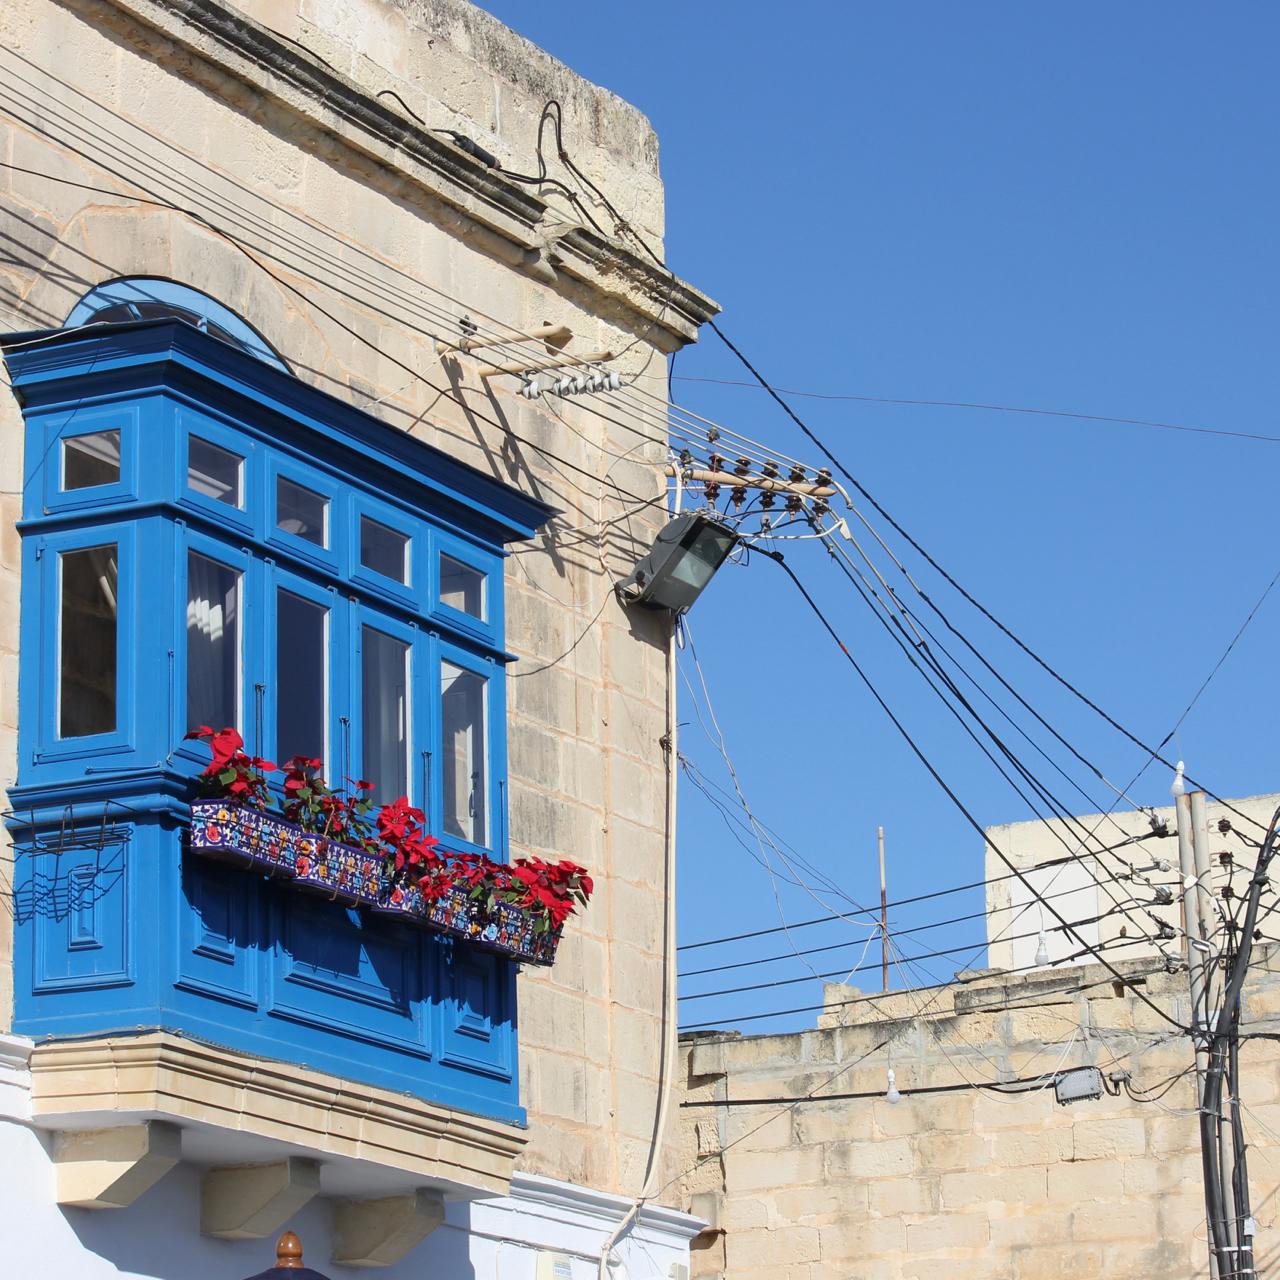 Marsaxlokk, Malta - 19